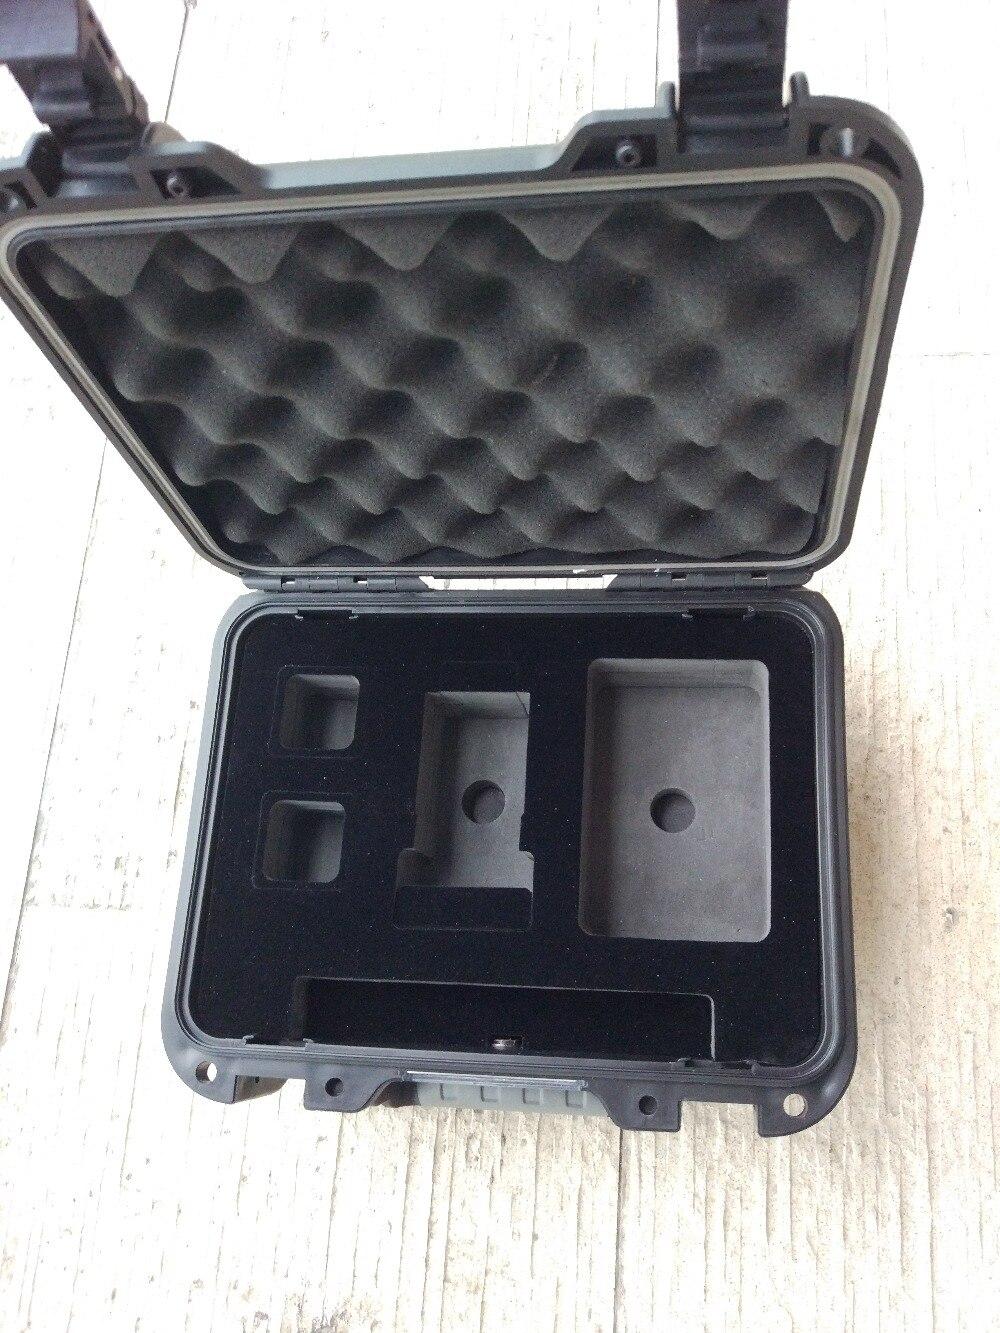 Puudub vaht väikese suurusega veekindlast suure löögivarustusega - Tööriistade hoiustamine - Foto 6